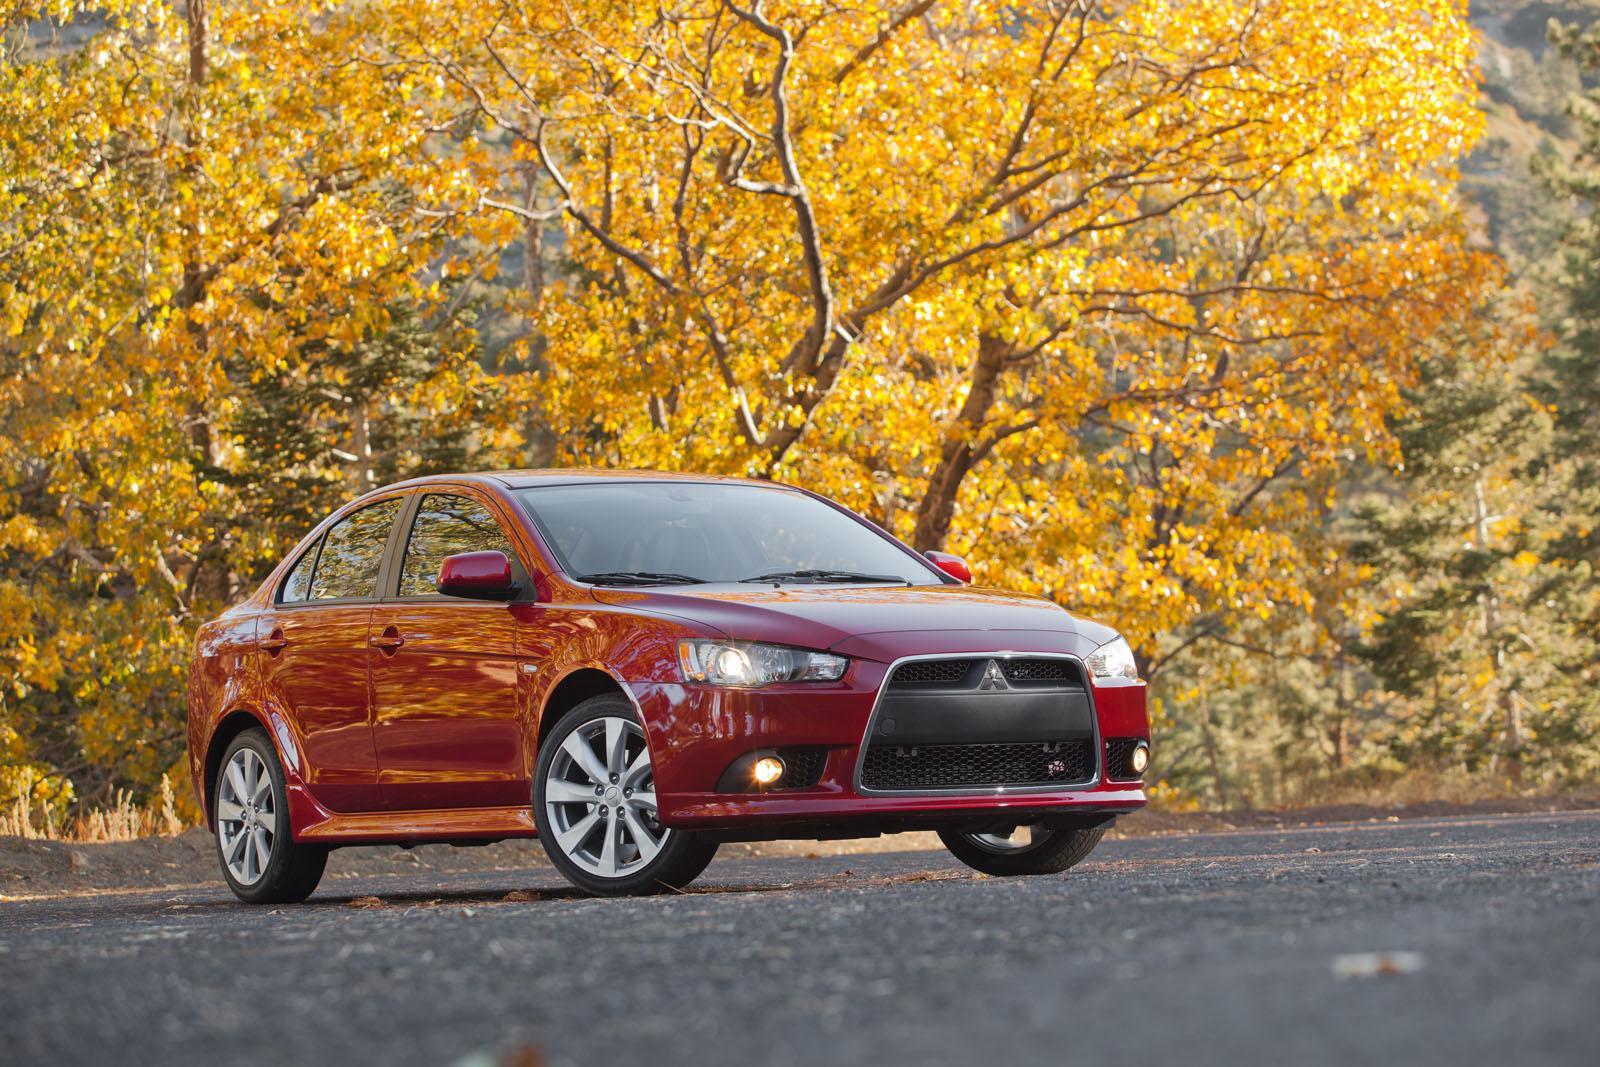 Новое поколение Mitsubishi Lancer появится через два года - журнал За рулем